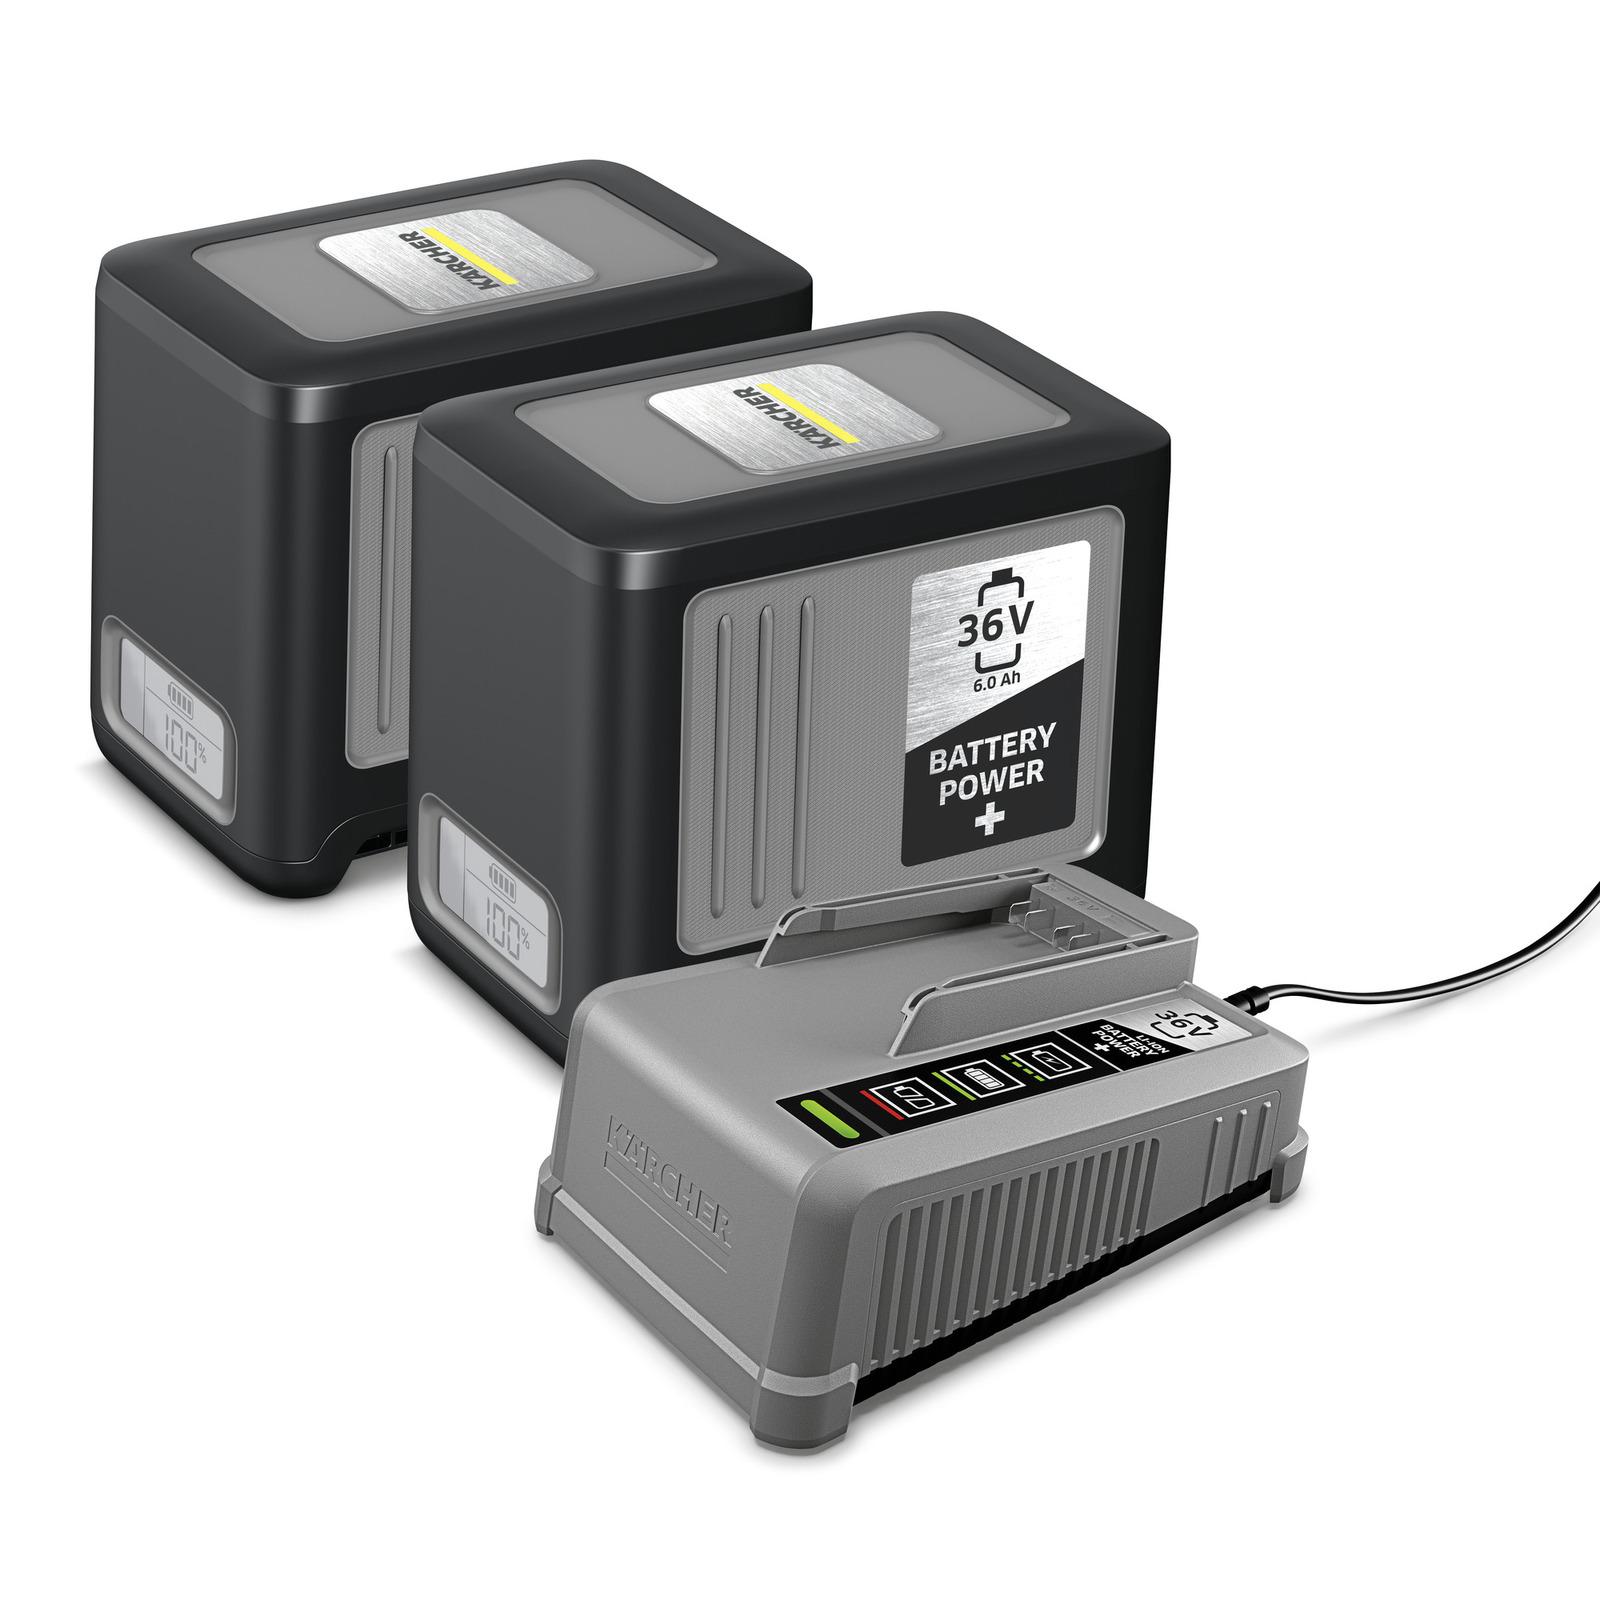 Kärcher - Starter kit Battery Power+ 36/60